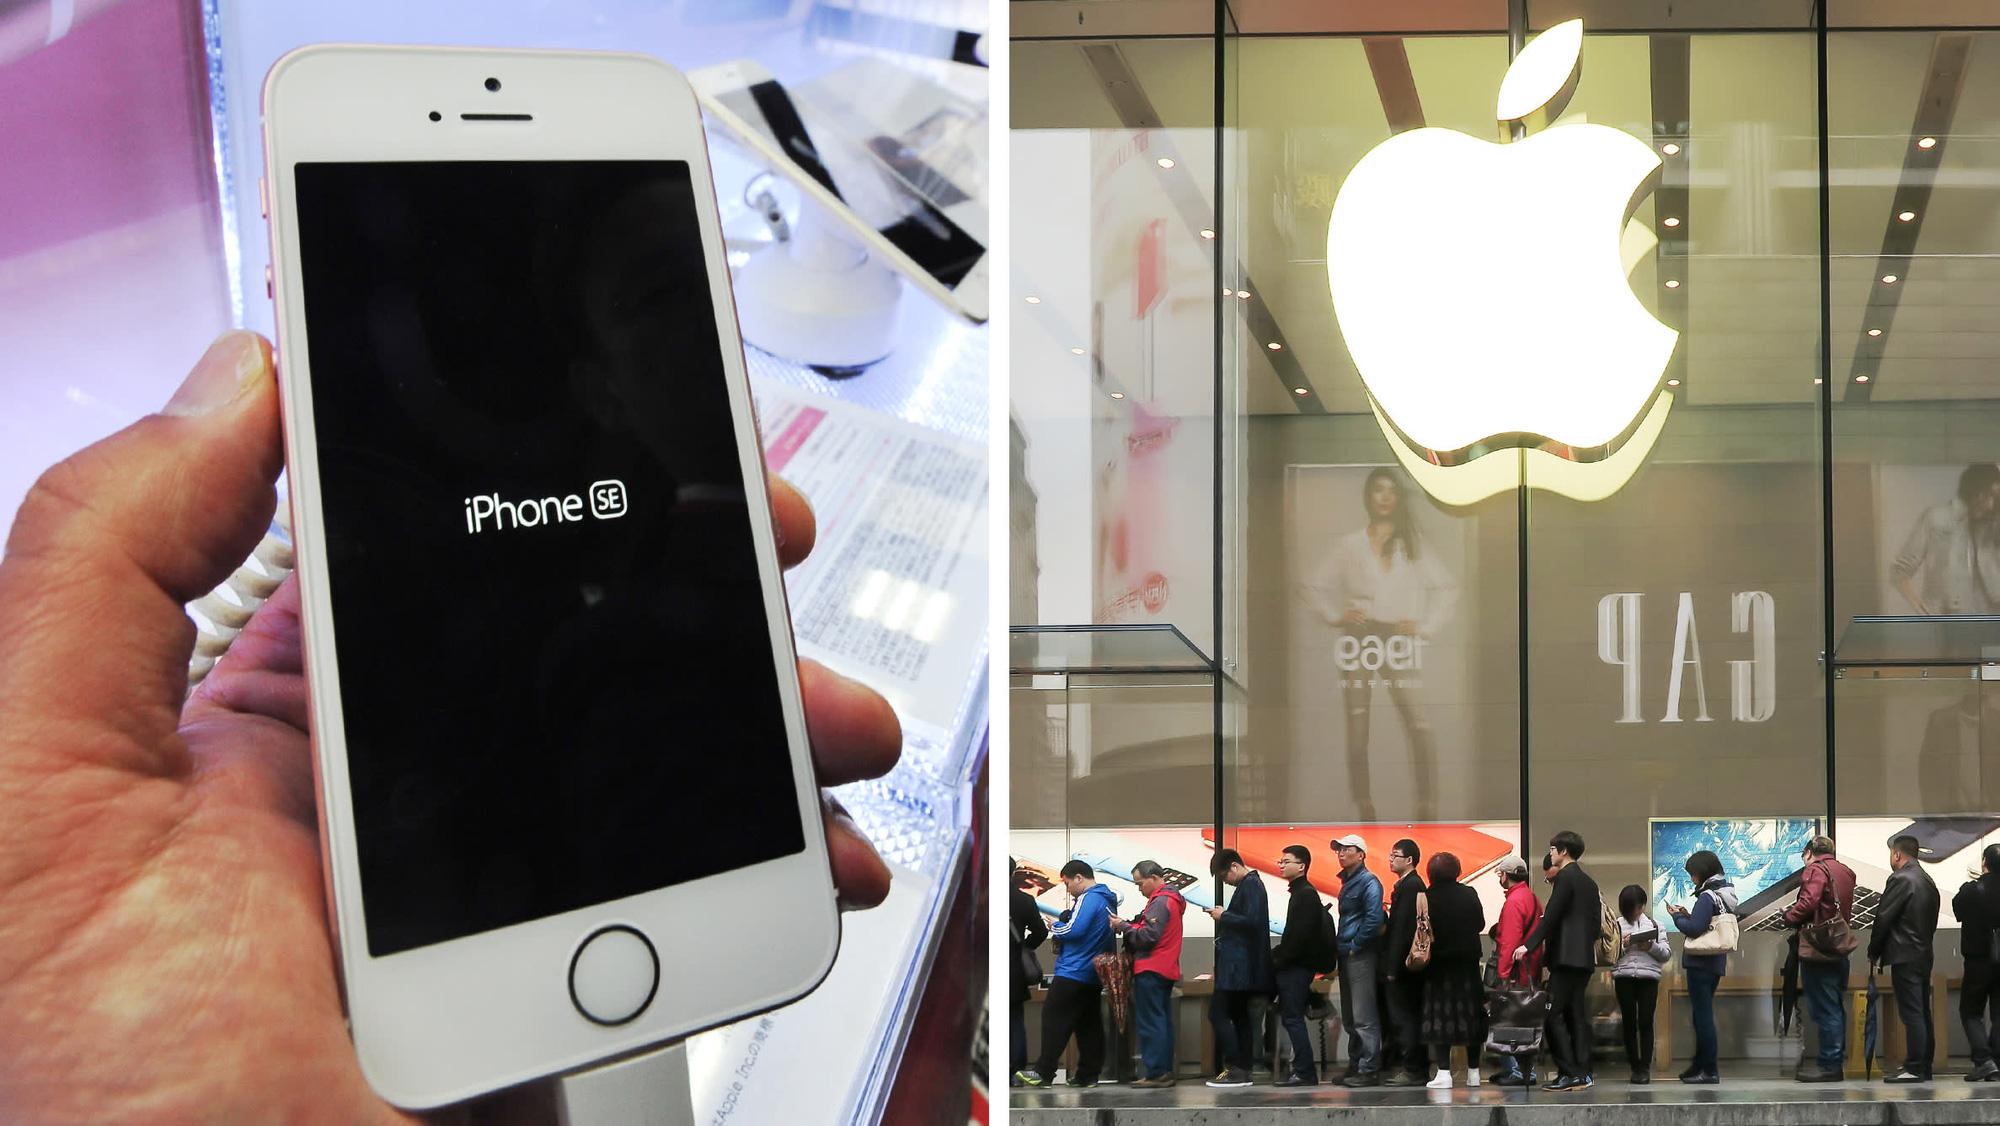 iPhone và Apple thay đổi cả thế giới: Điều tốt đẹp nhất vẫn chưa đến! - Ảnh 1.